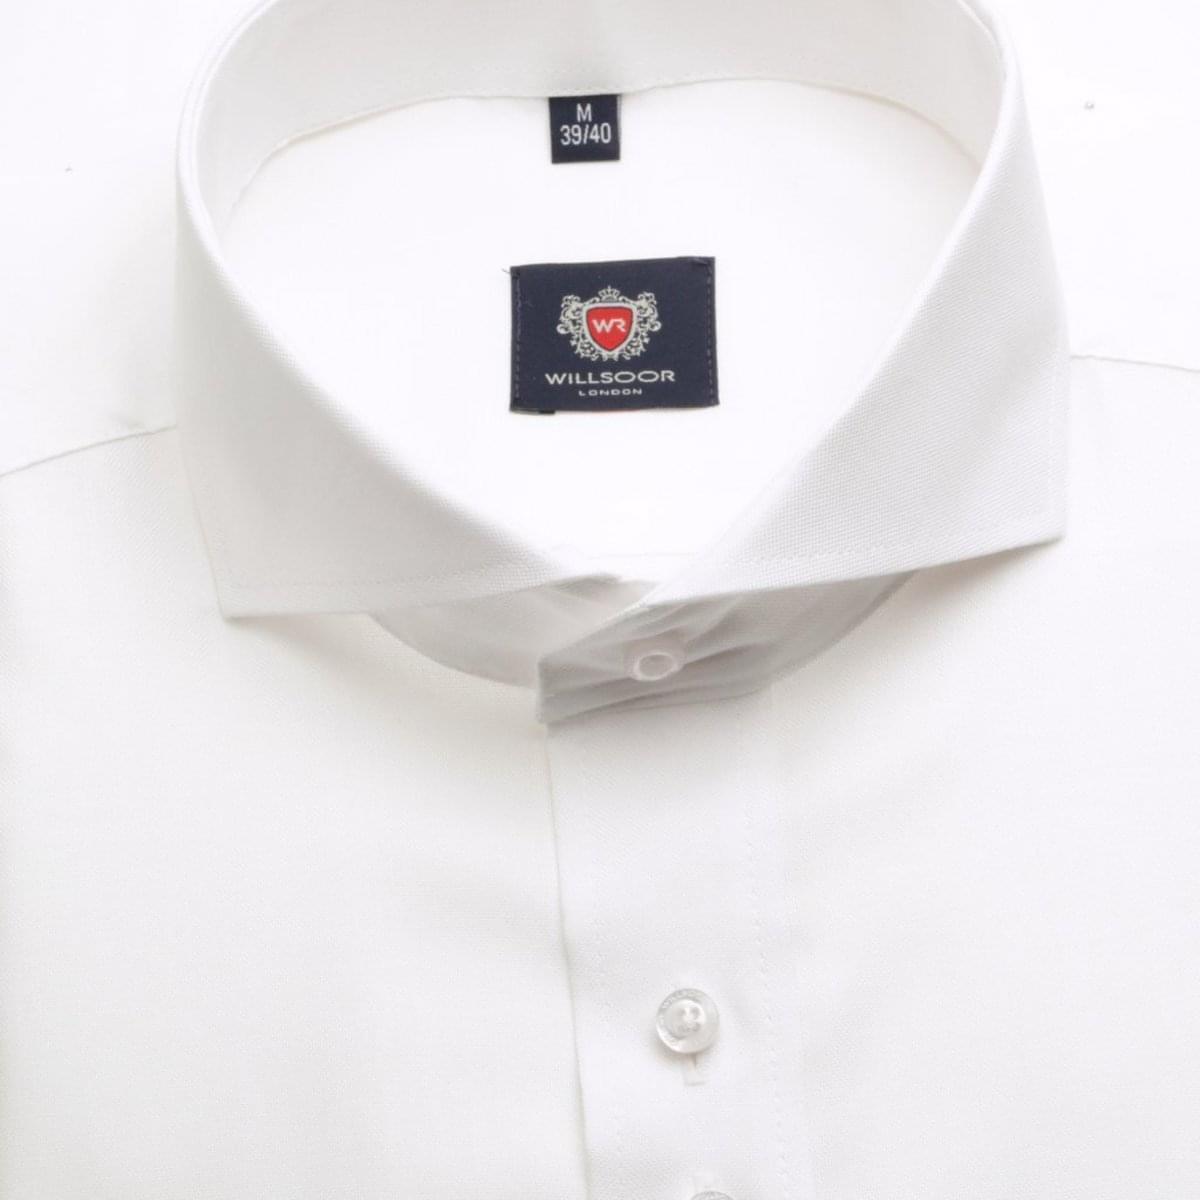 Košile WR London (výška 176-182) 4298 176-182 / XL (43/44)